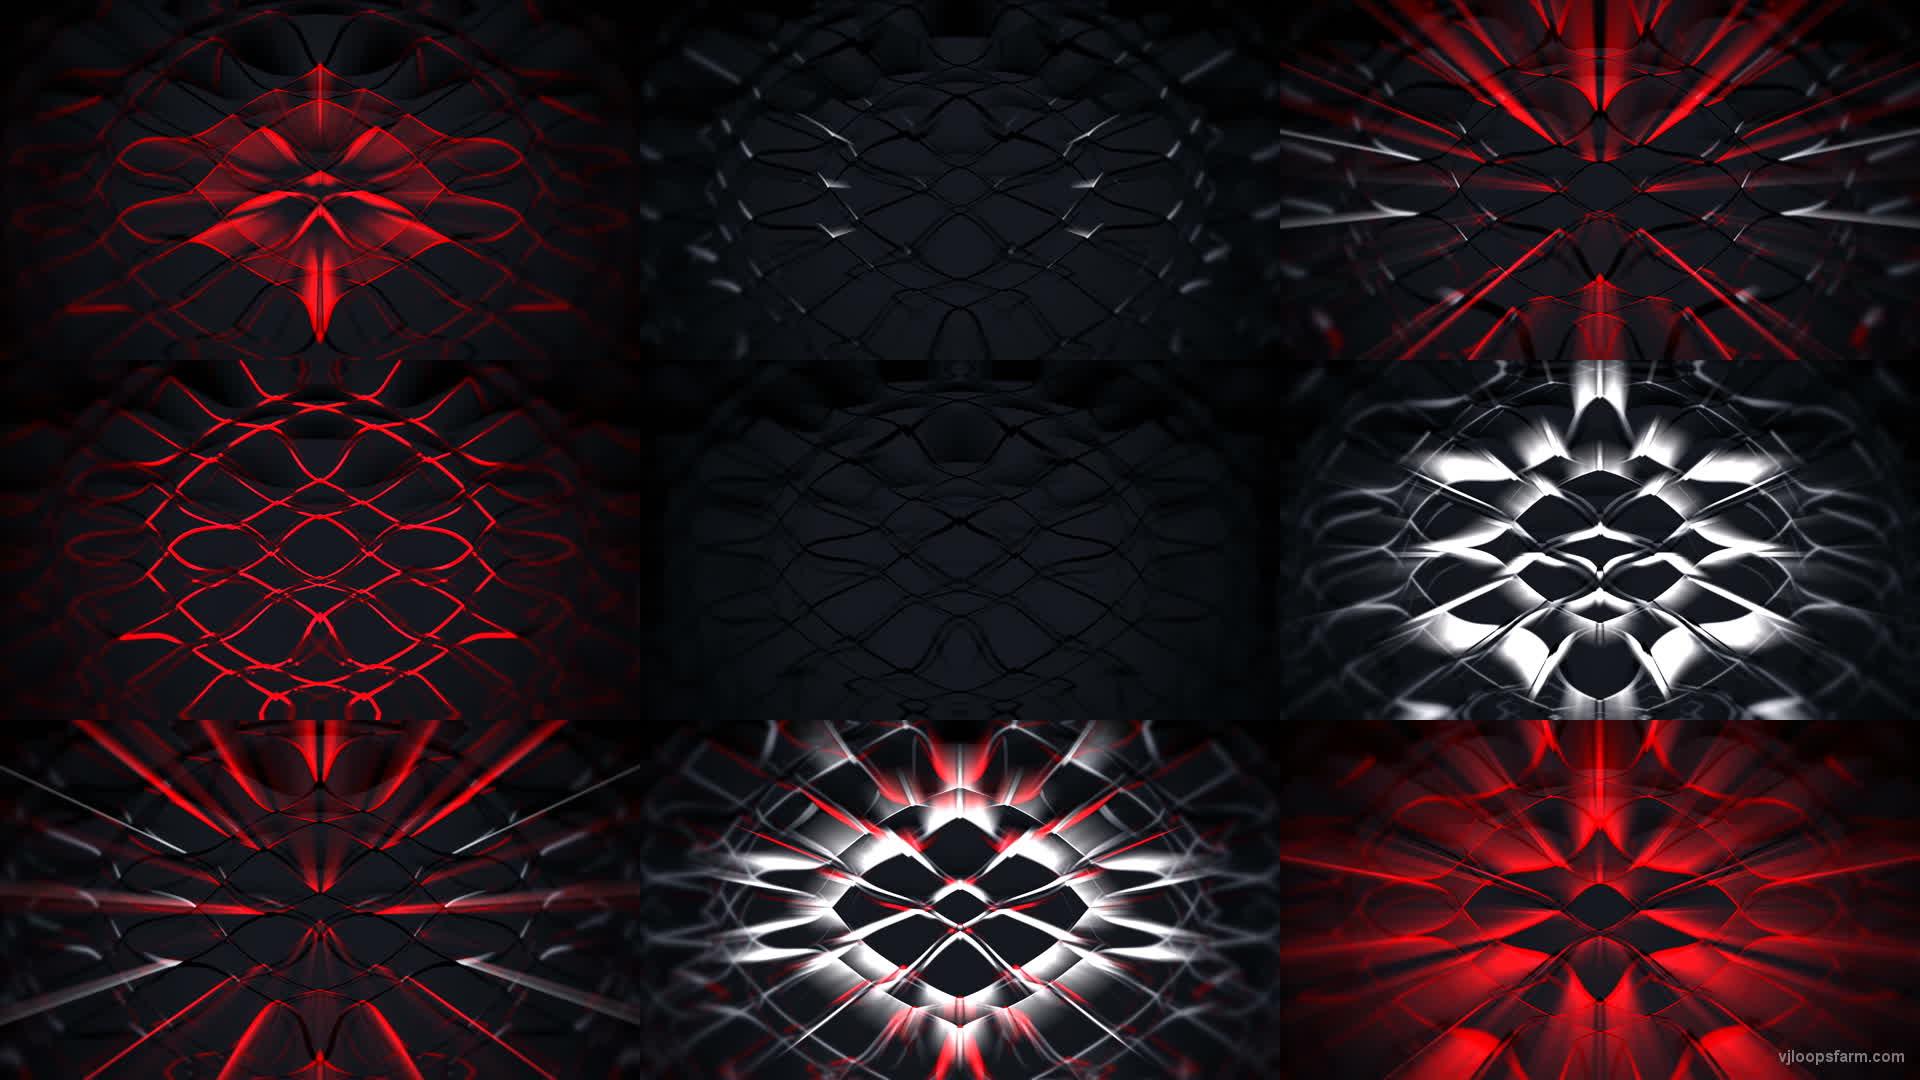 abstract vj loops free